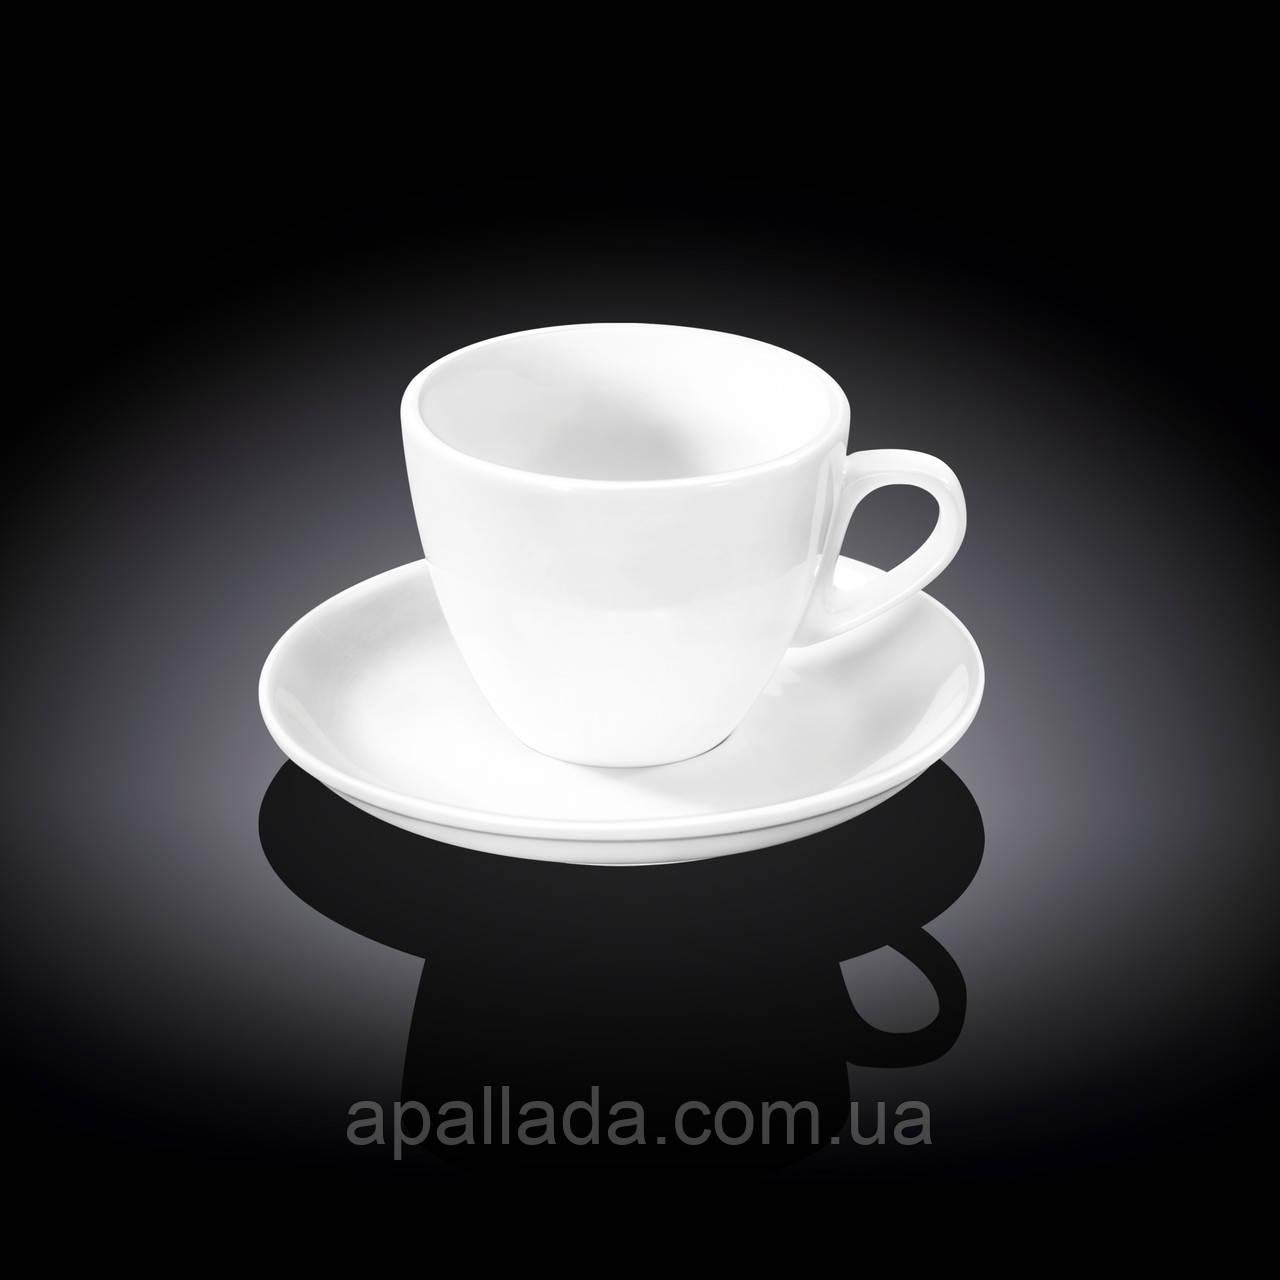 Чашка + блюдце 190 мл